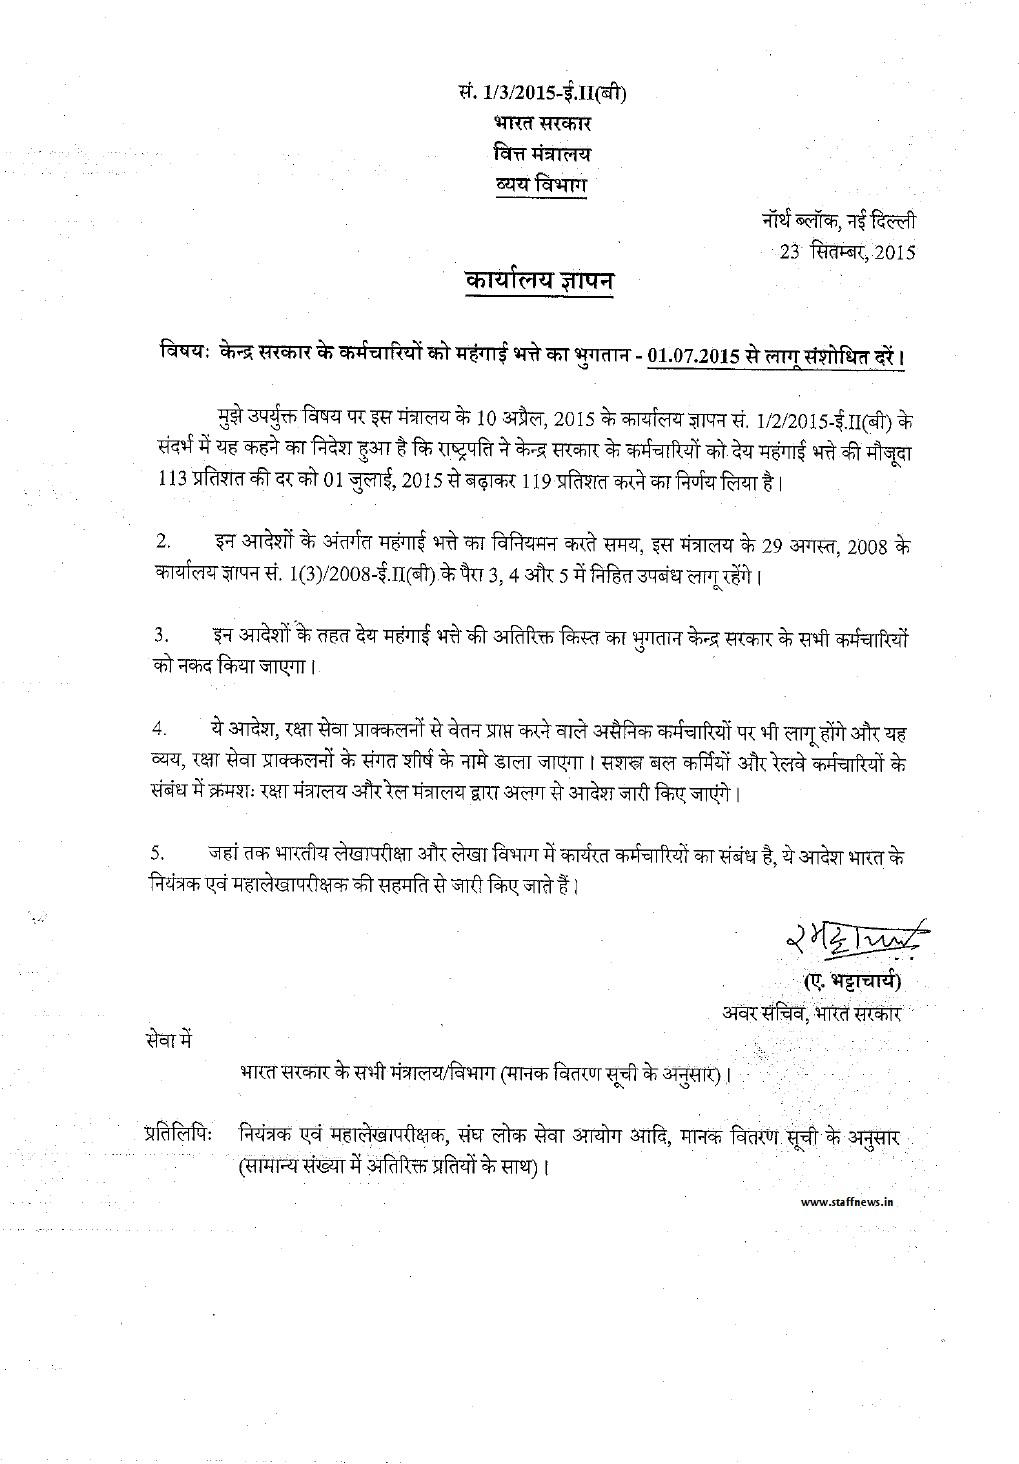 da-from-july-2015-order-hindi